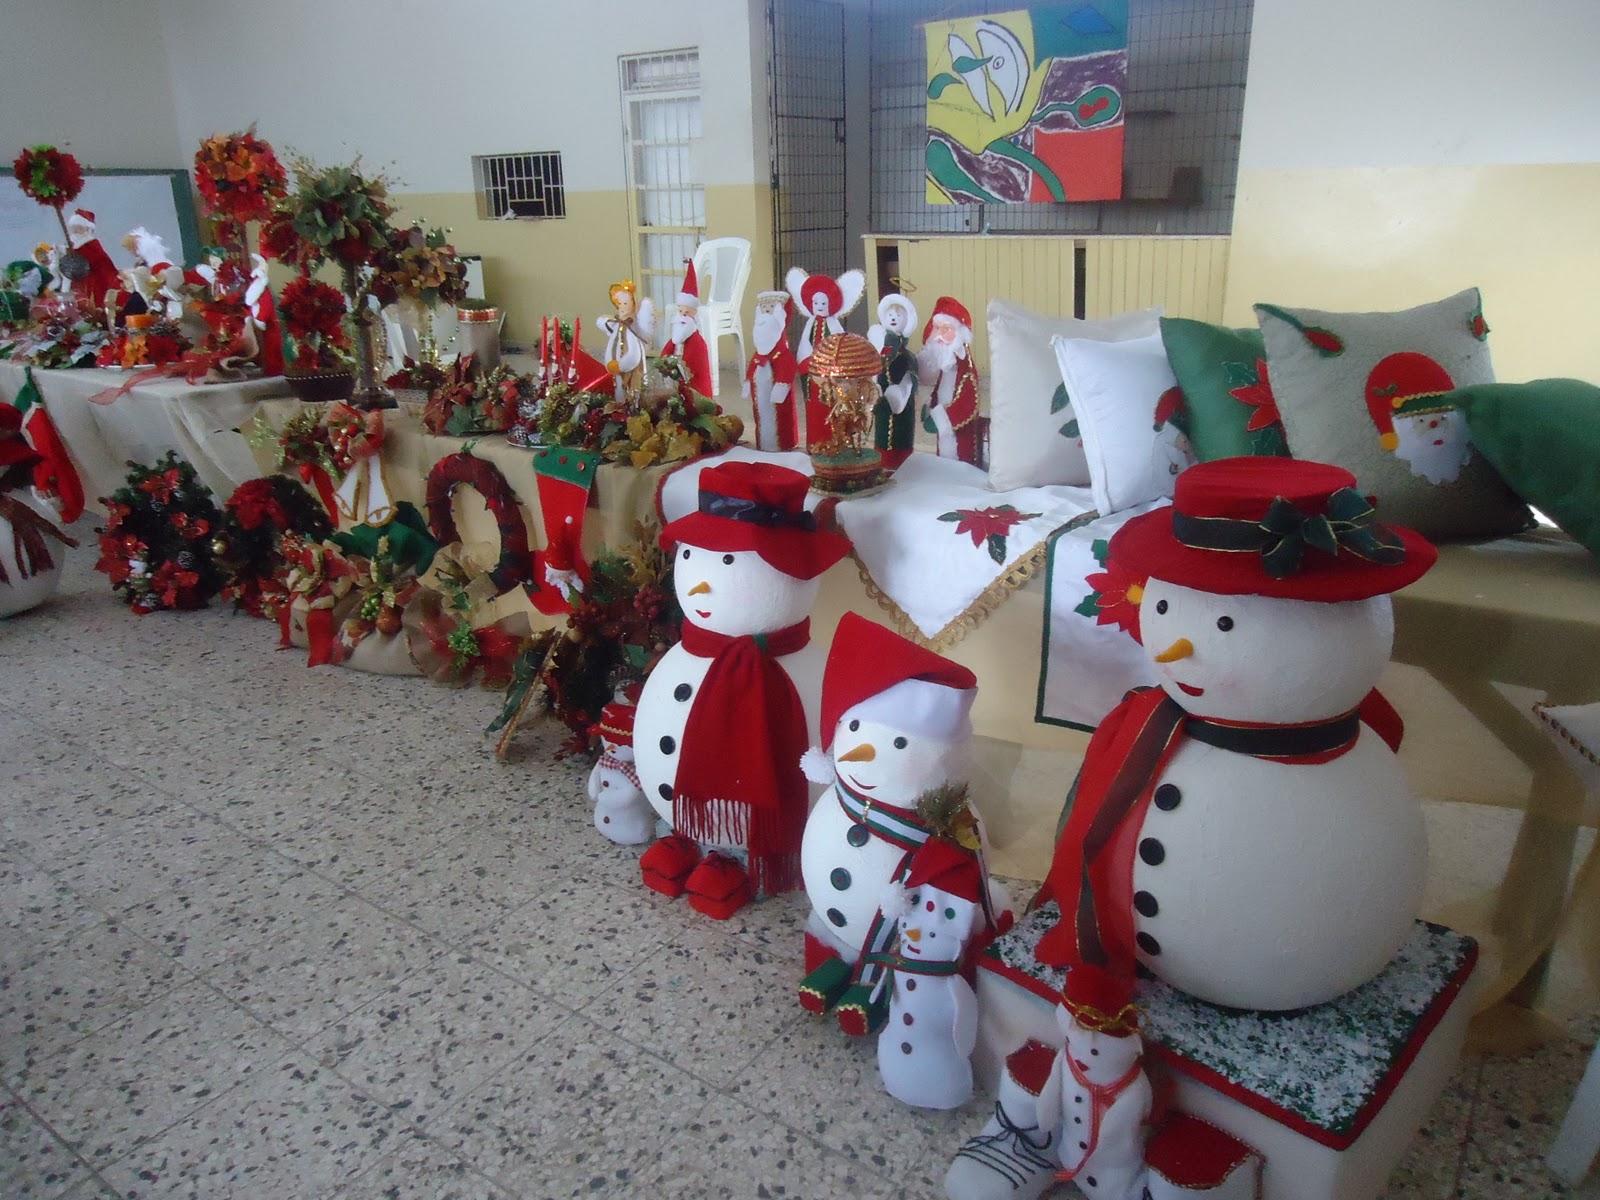 Undemurb undemurb realiza exposici n de decoraci n for Productos de decoracion para el hogar